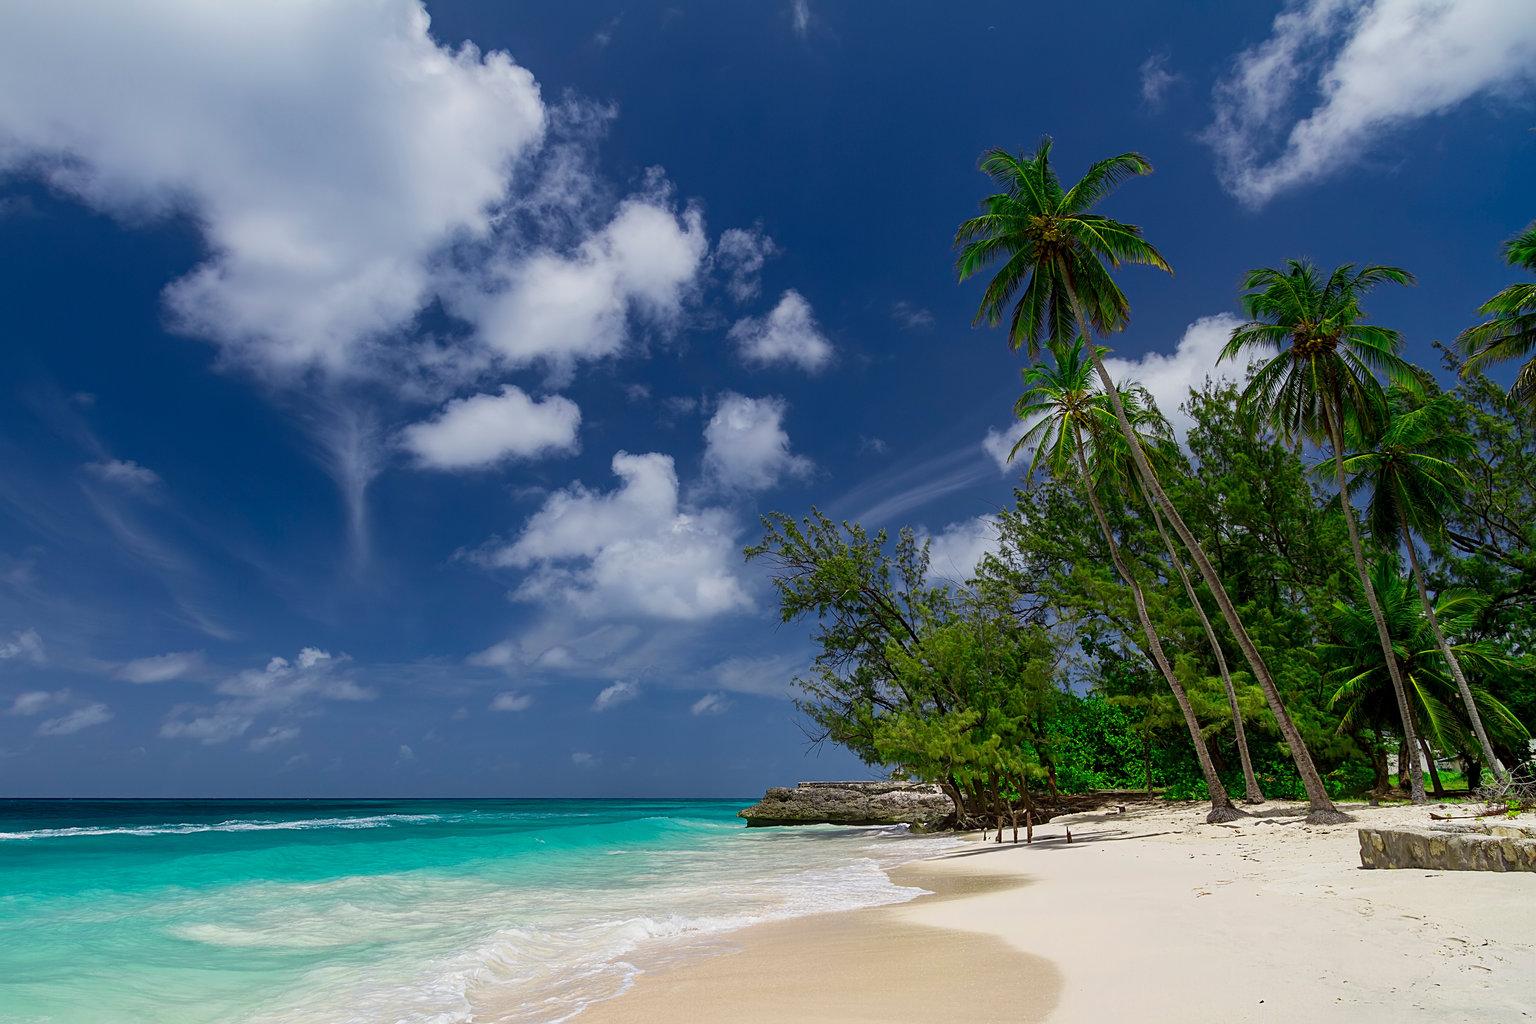 Smart working dalle Barbados: la proposta del governo per lavorare dall'isola - Smart Working